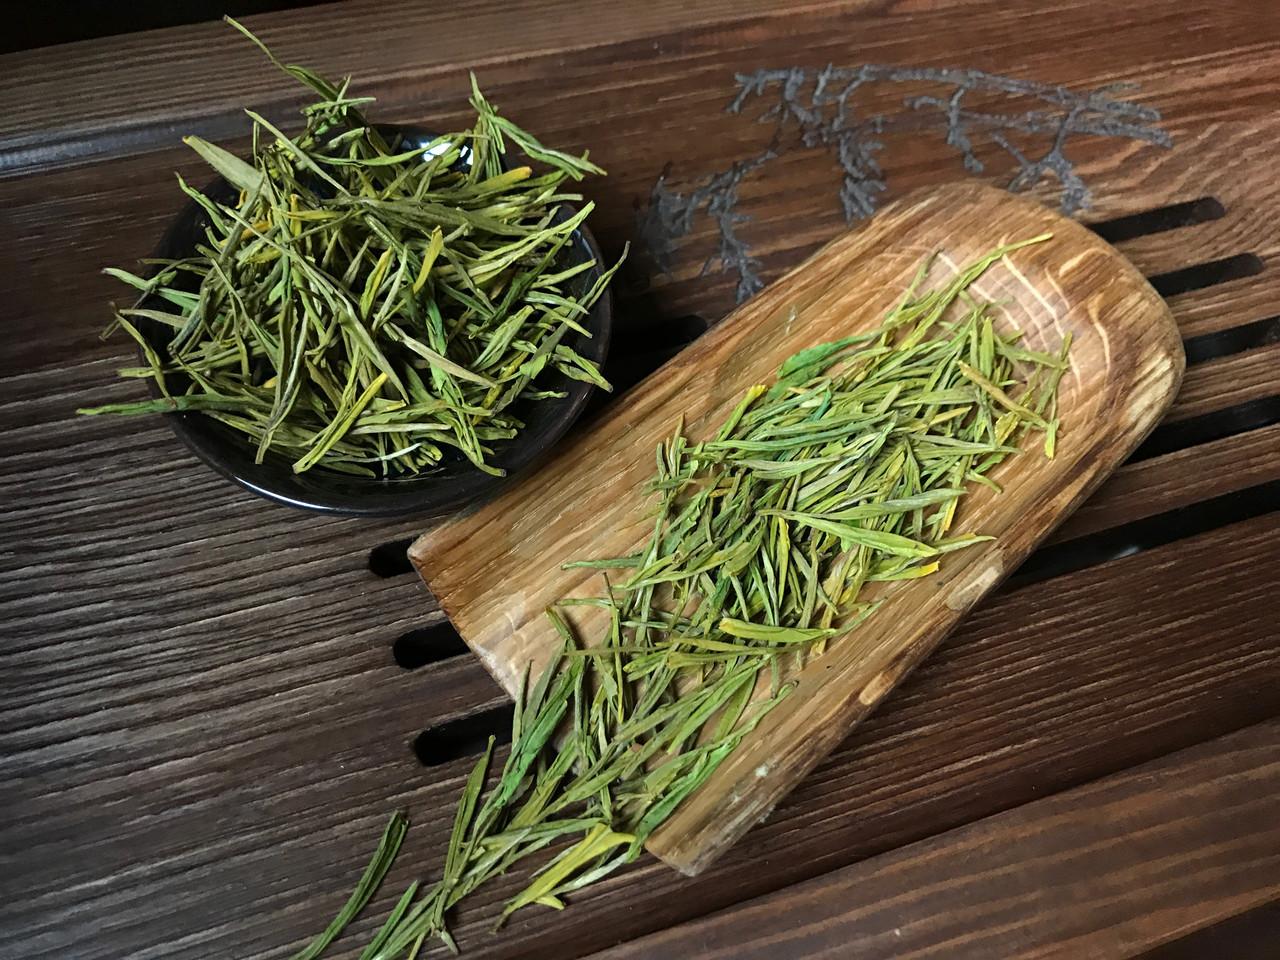 Жовтий чай Аньцзи Хуан Ча Цзинь Я 2021 рік 25 г